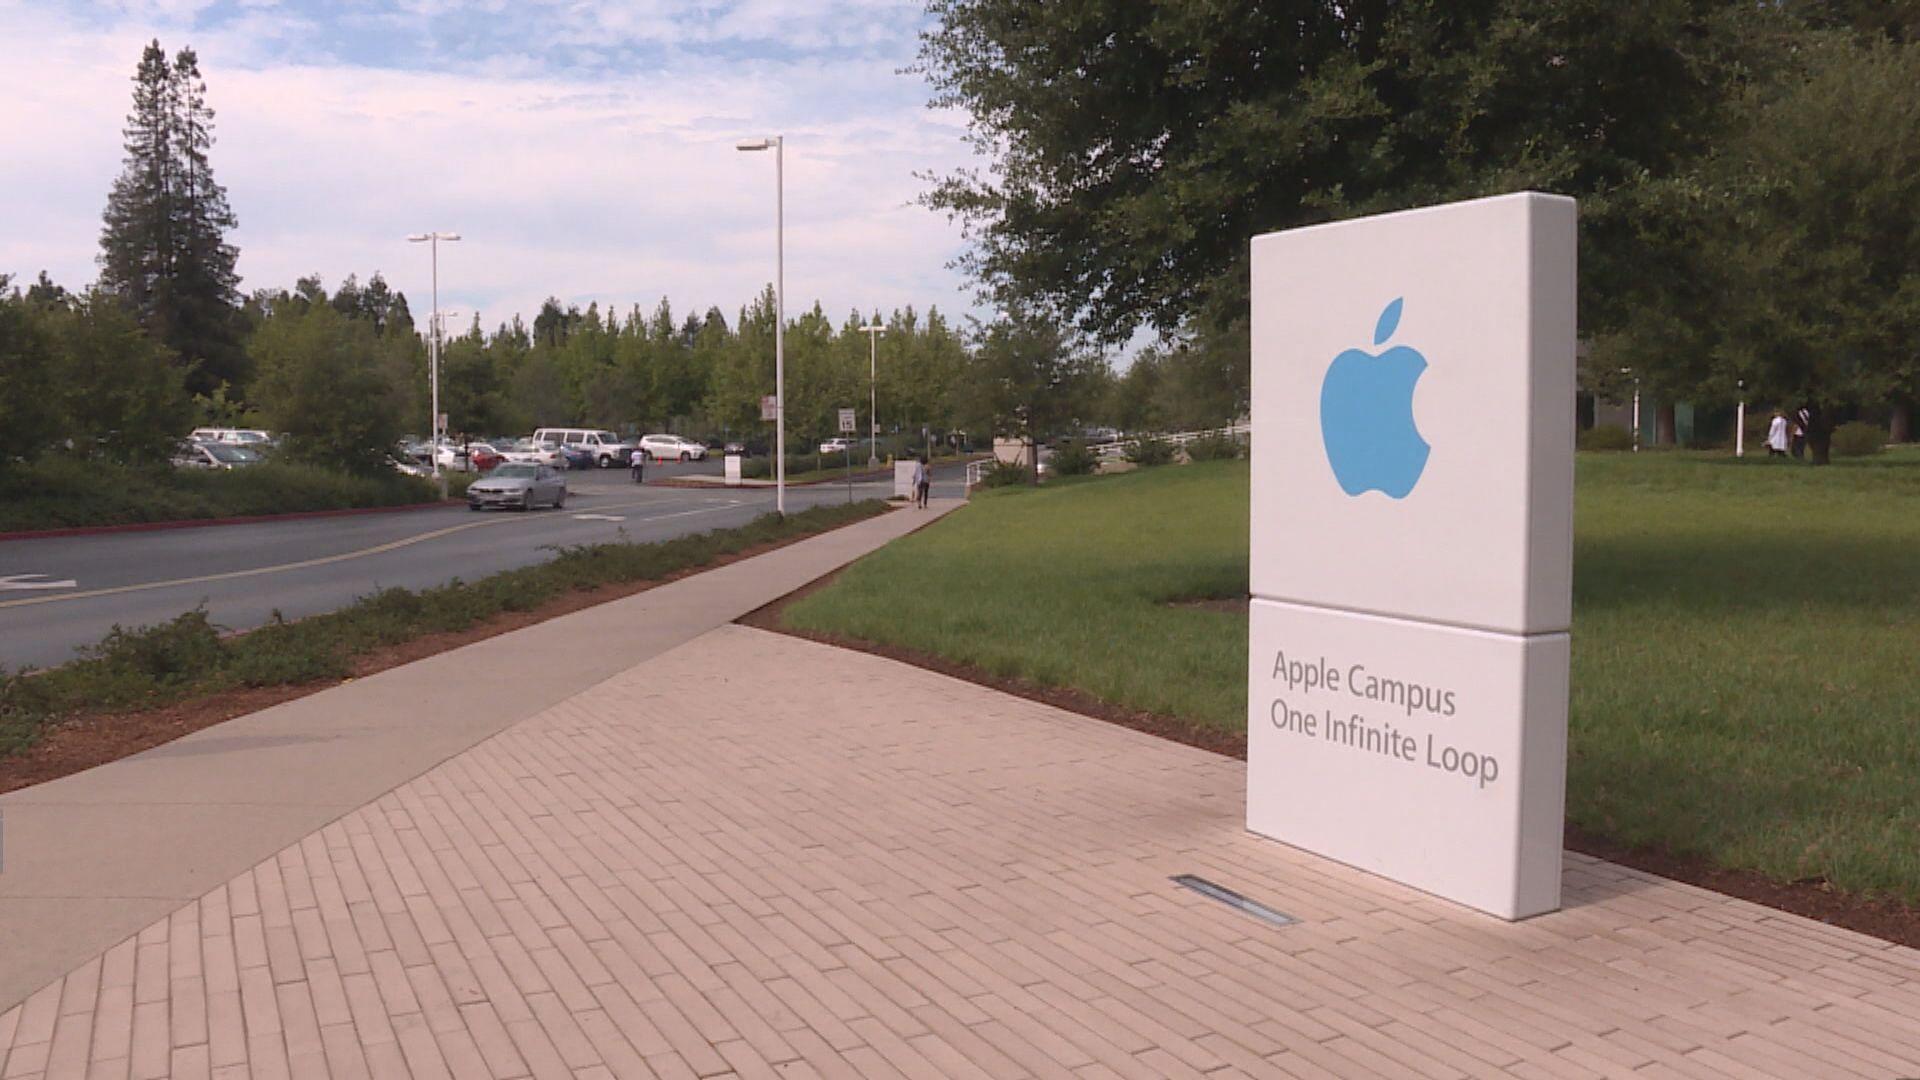 蘋果公司將掃瞄美國用戶手機是否藏有性侵犯兒童影像